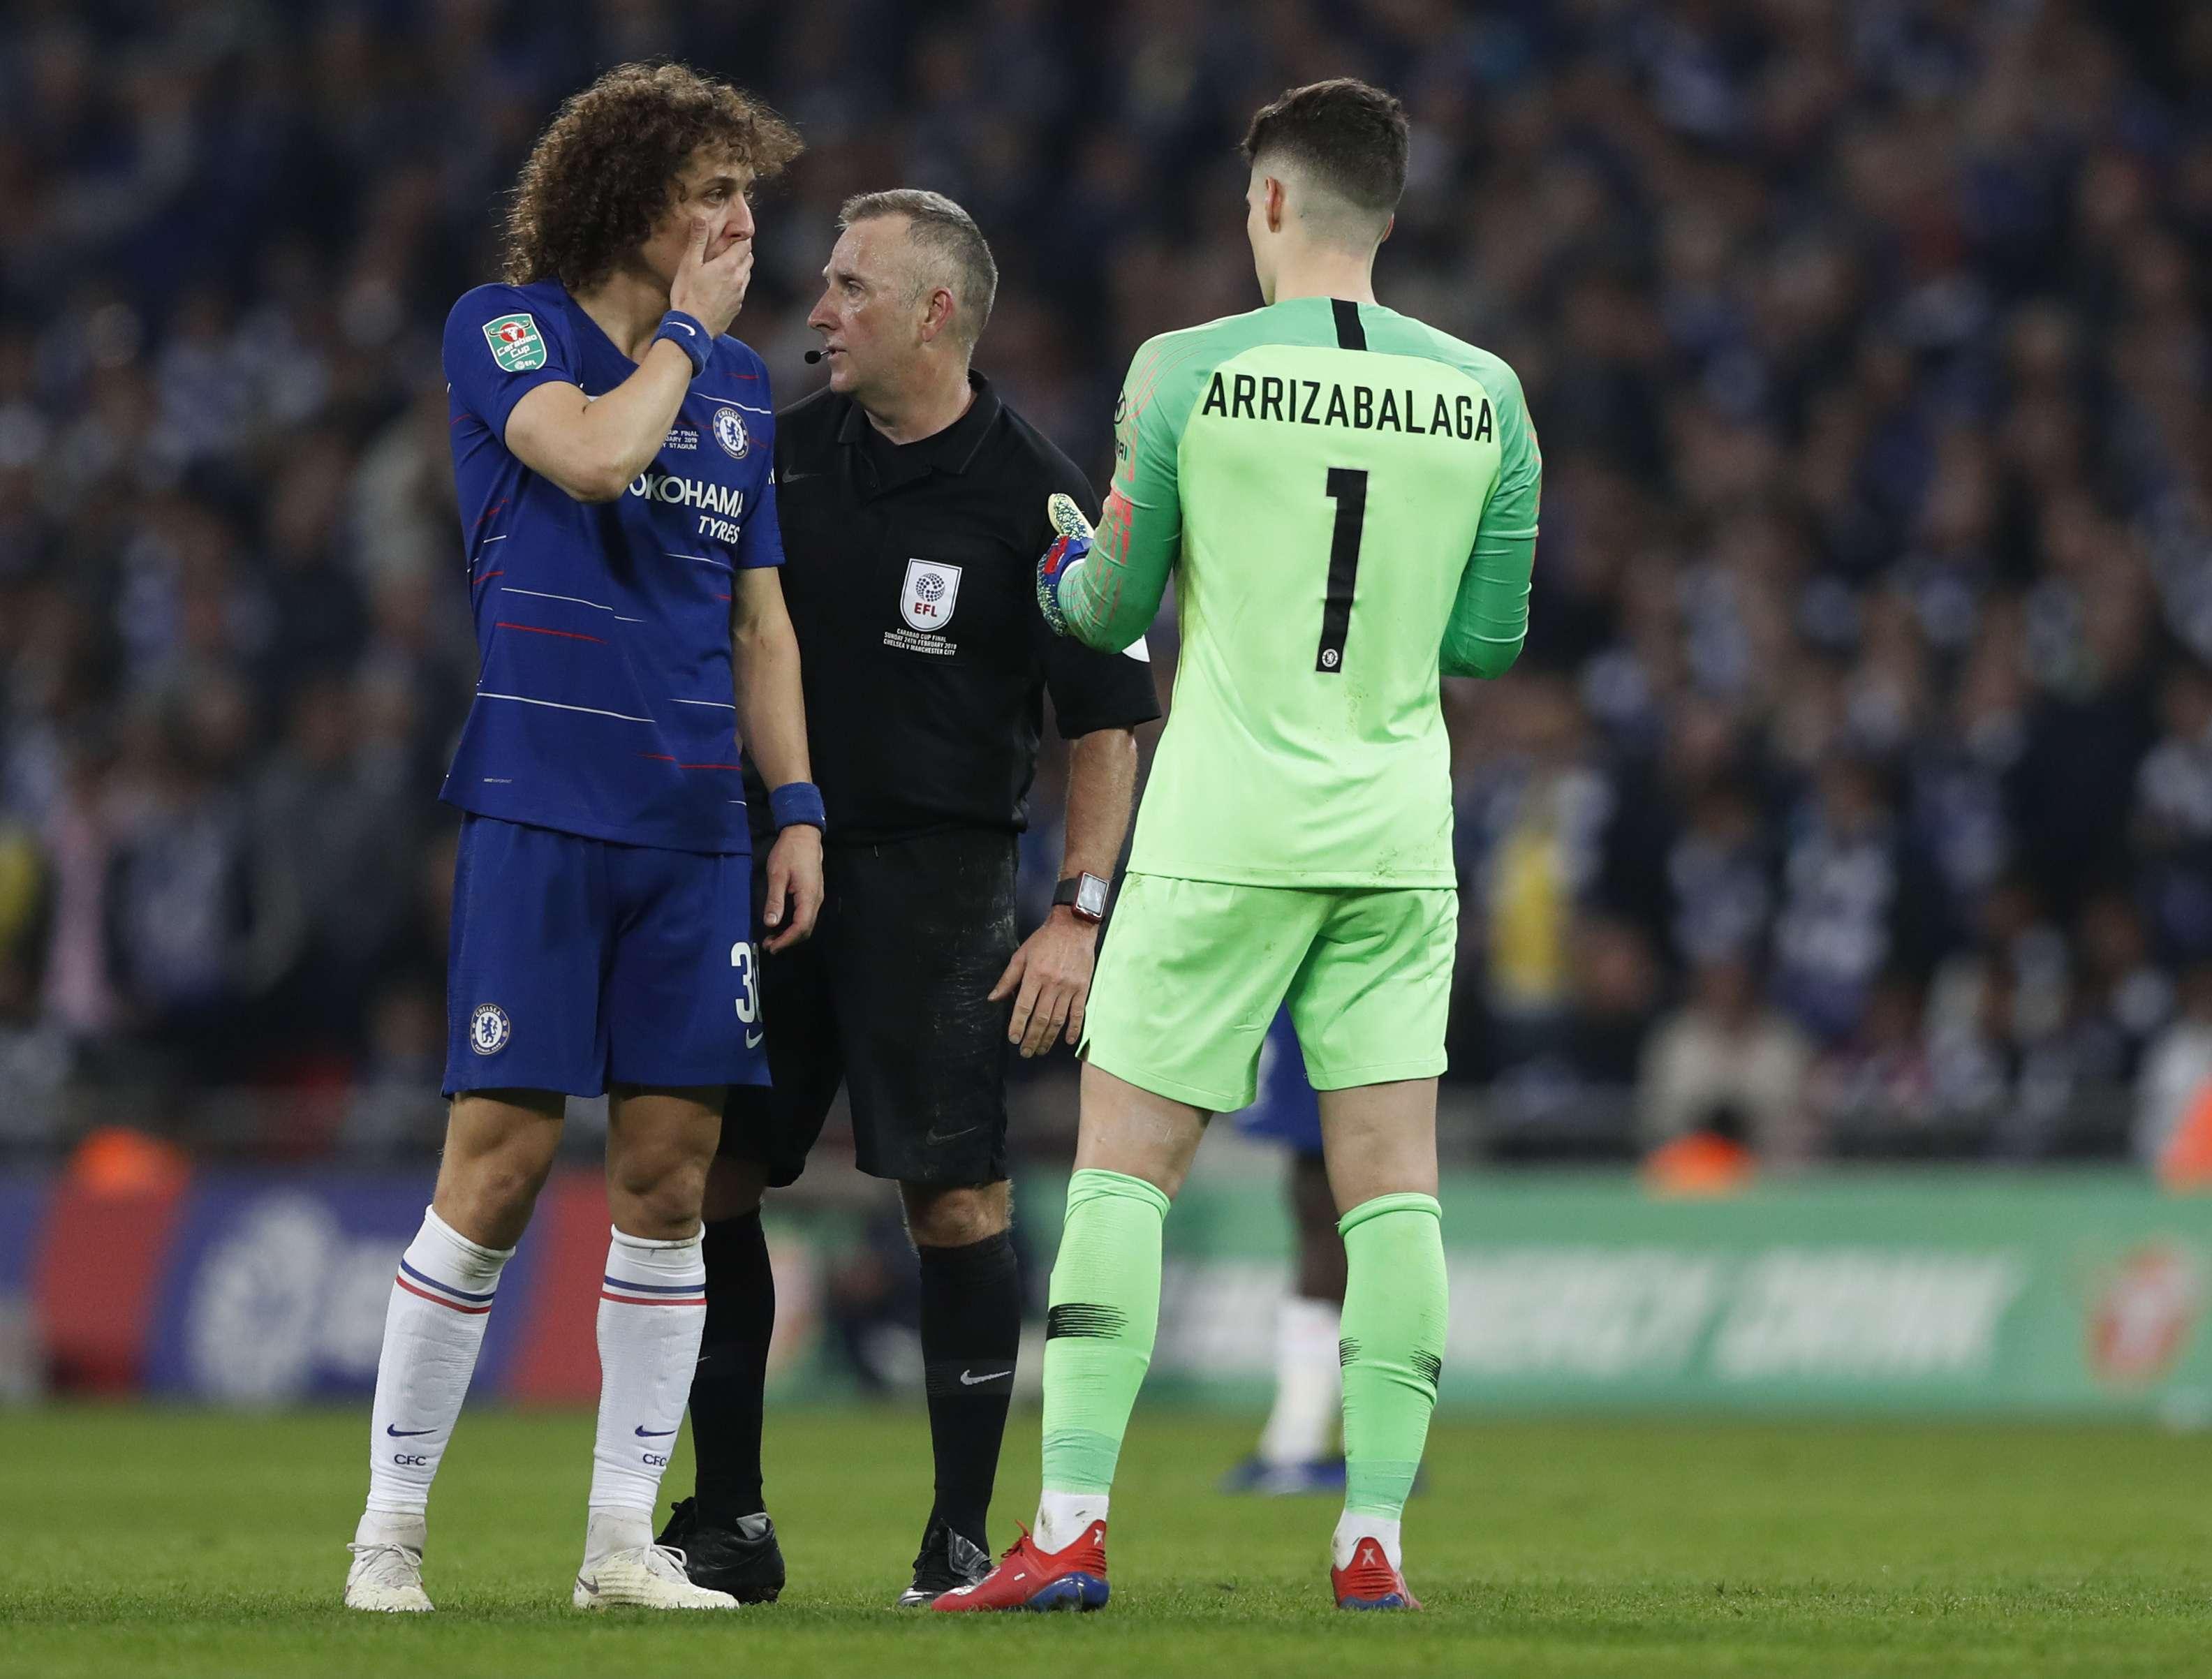 Portero del Chelsea se disculpa por no salir de la cancha